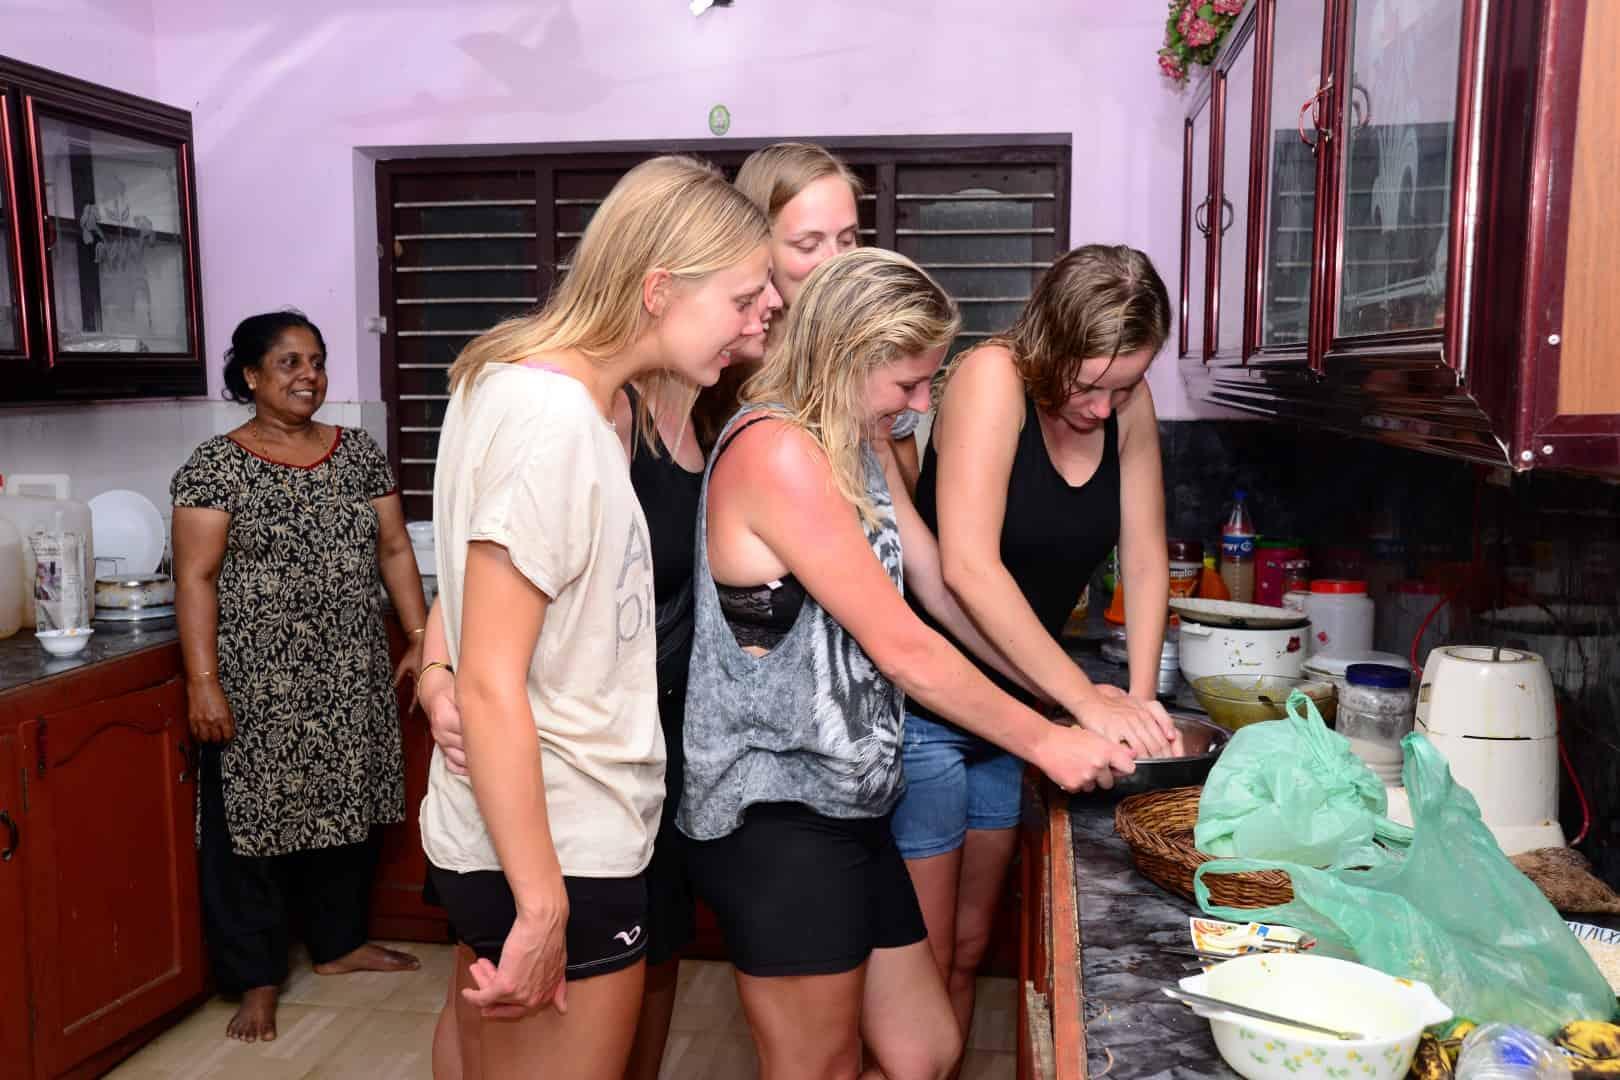 syd indiske dating kultur